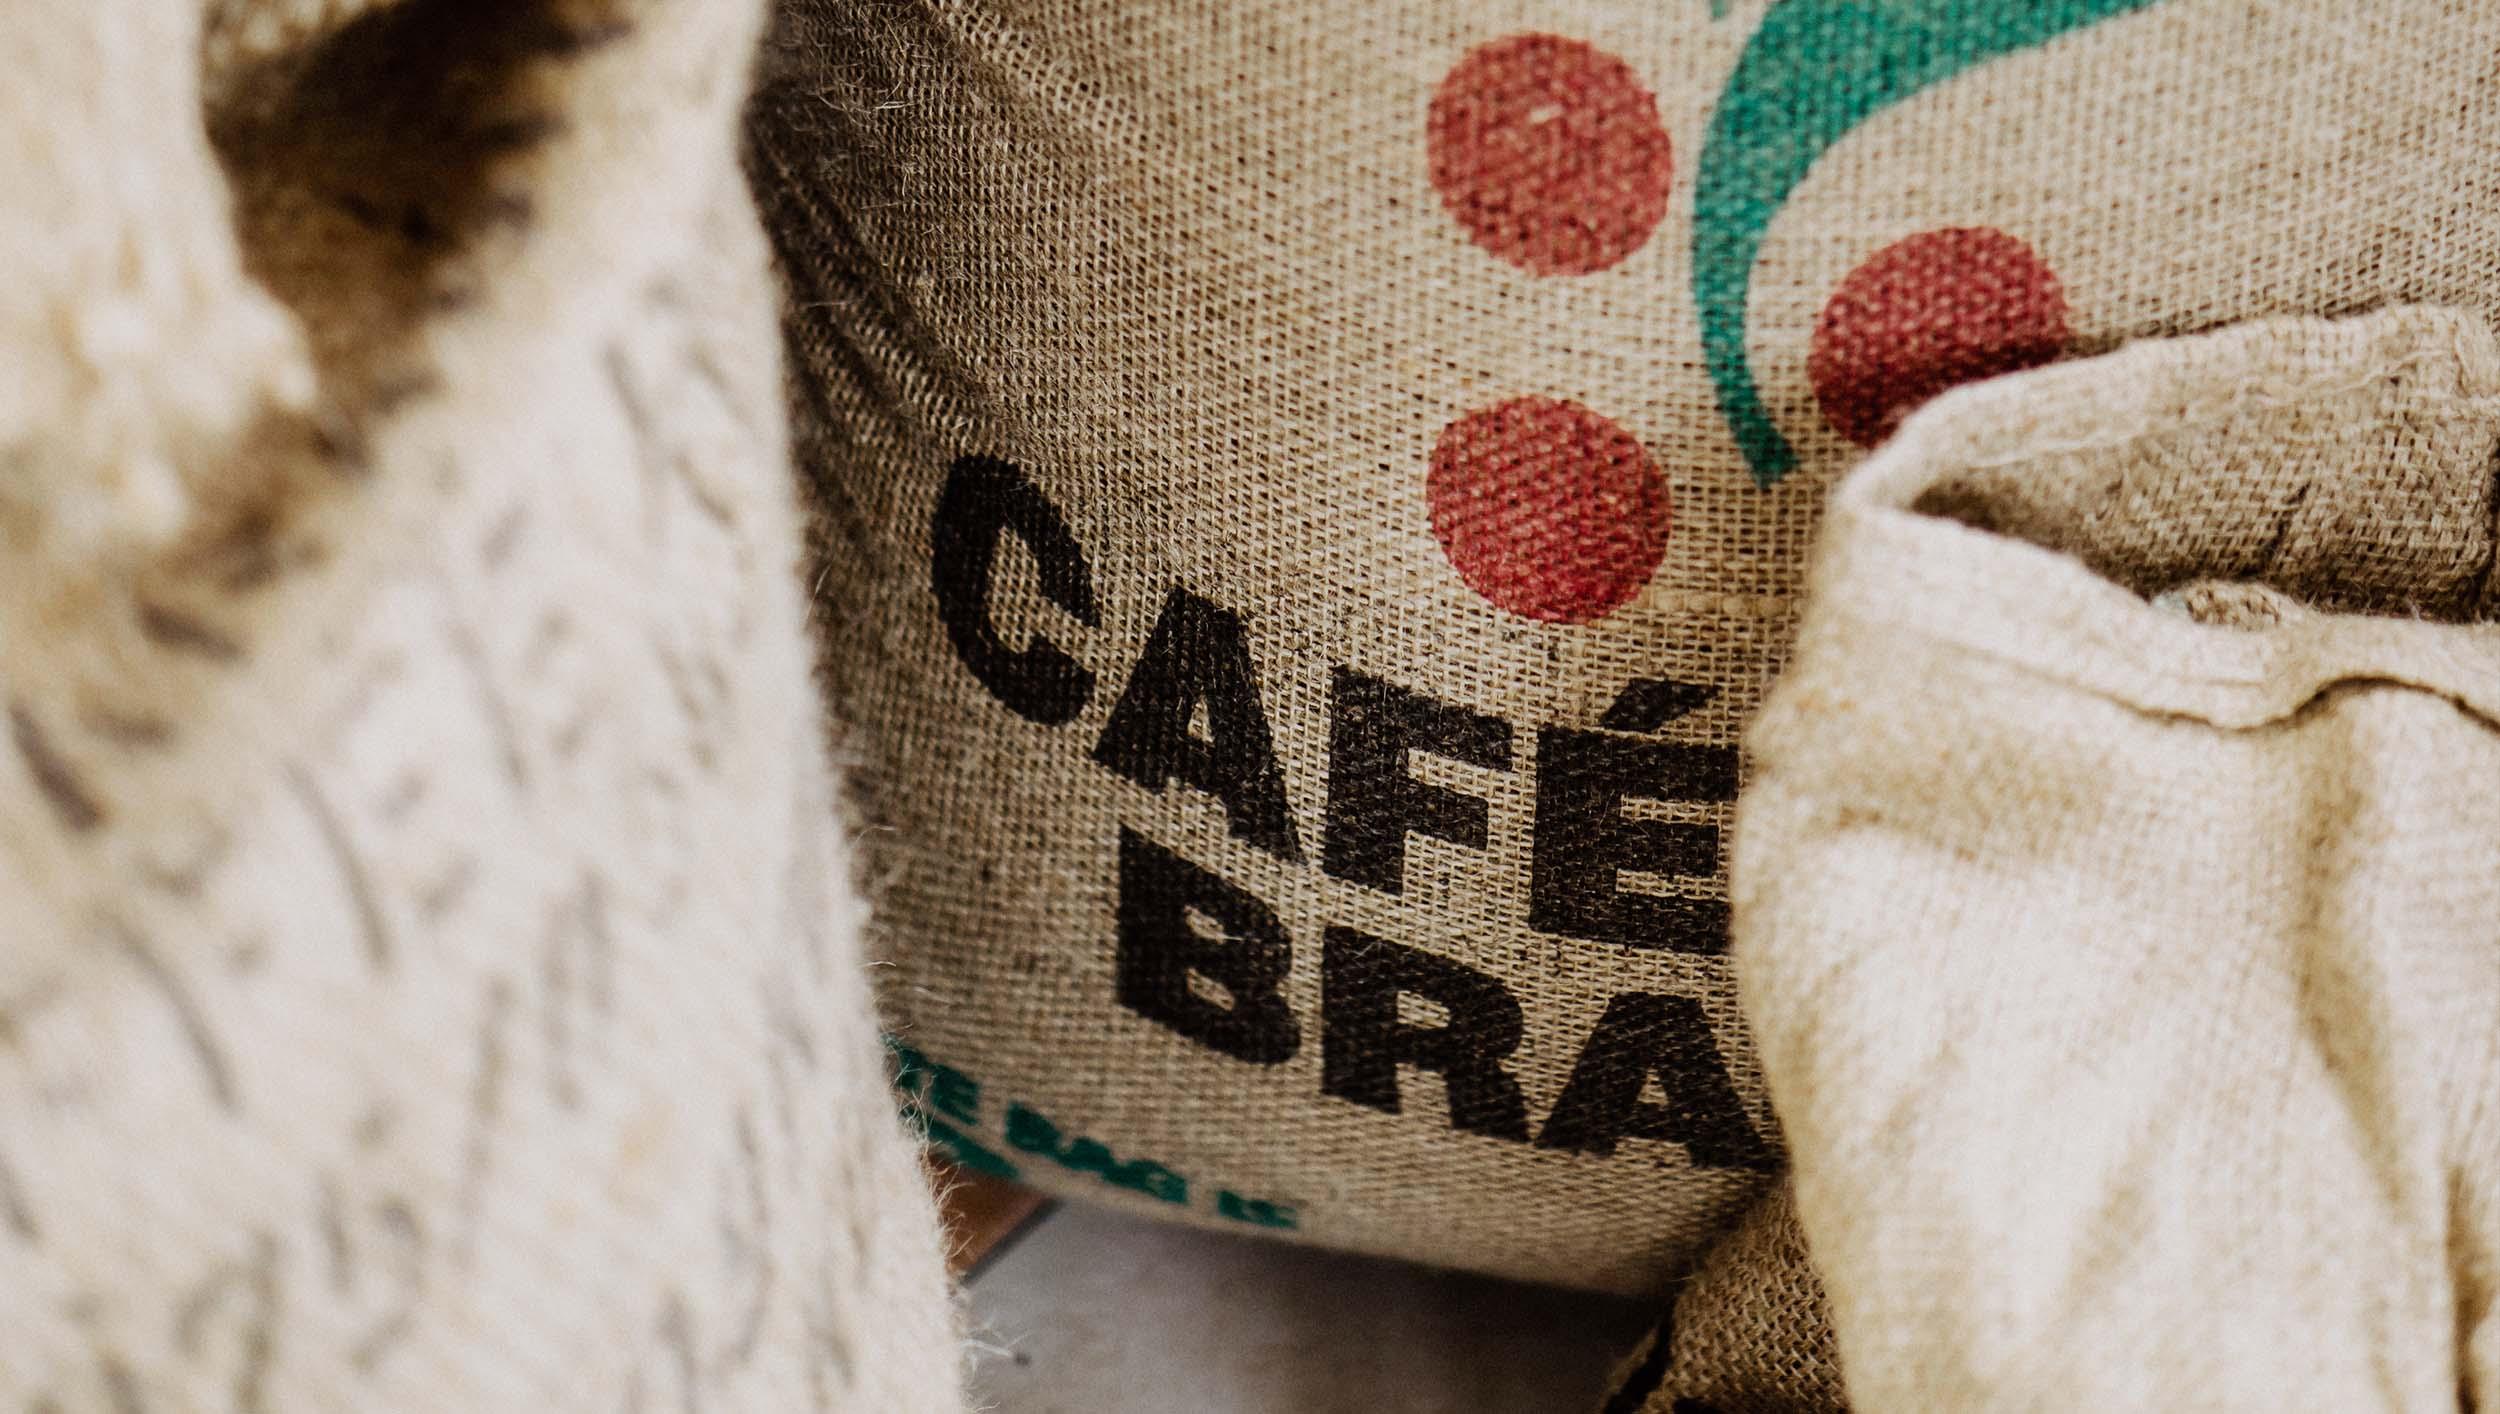 Kaffee-online-bestellen-Kaffee-Kontor-Werder-Kaffeegeschäft-Kaffeehaus-Werder-Havel.jpg